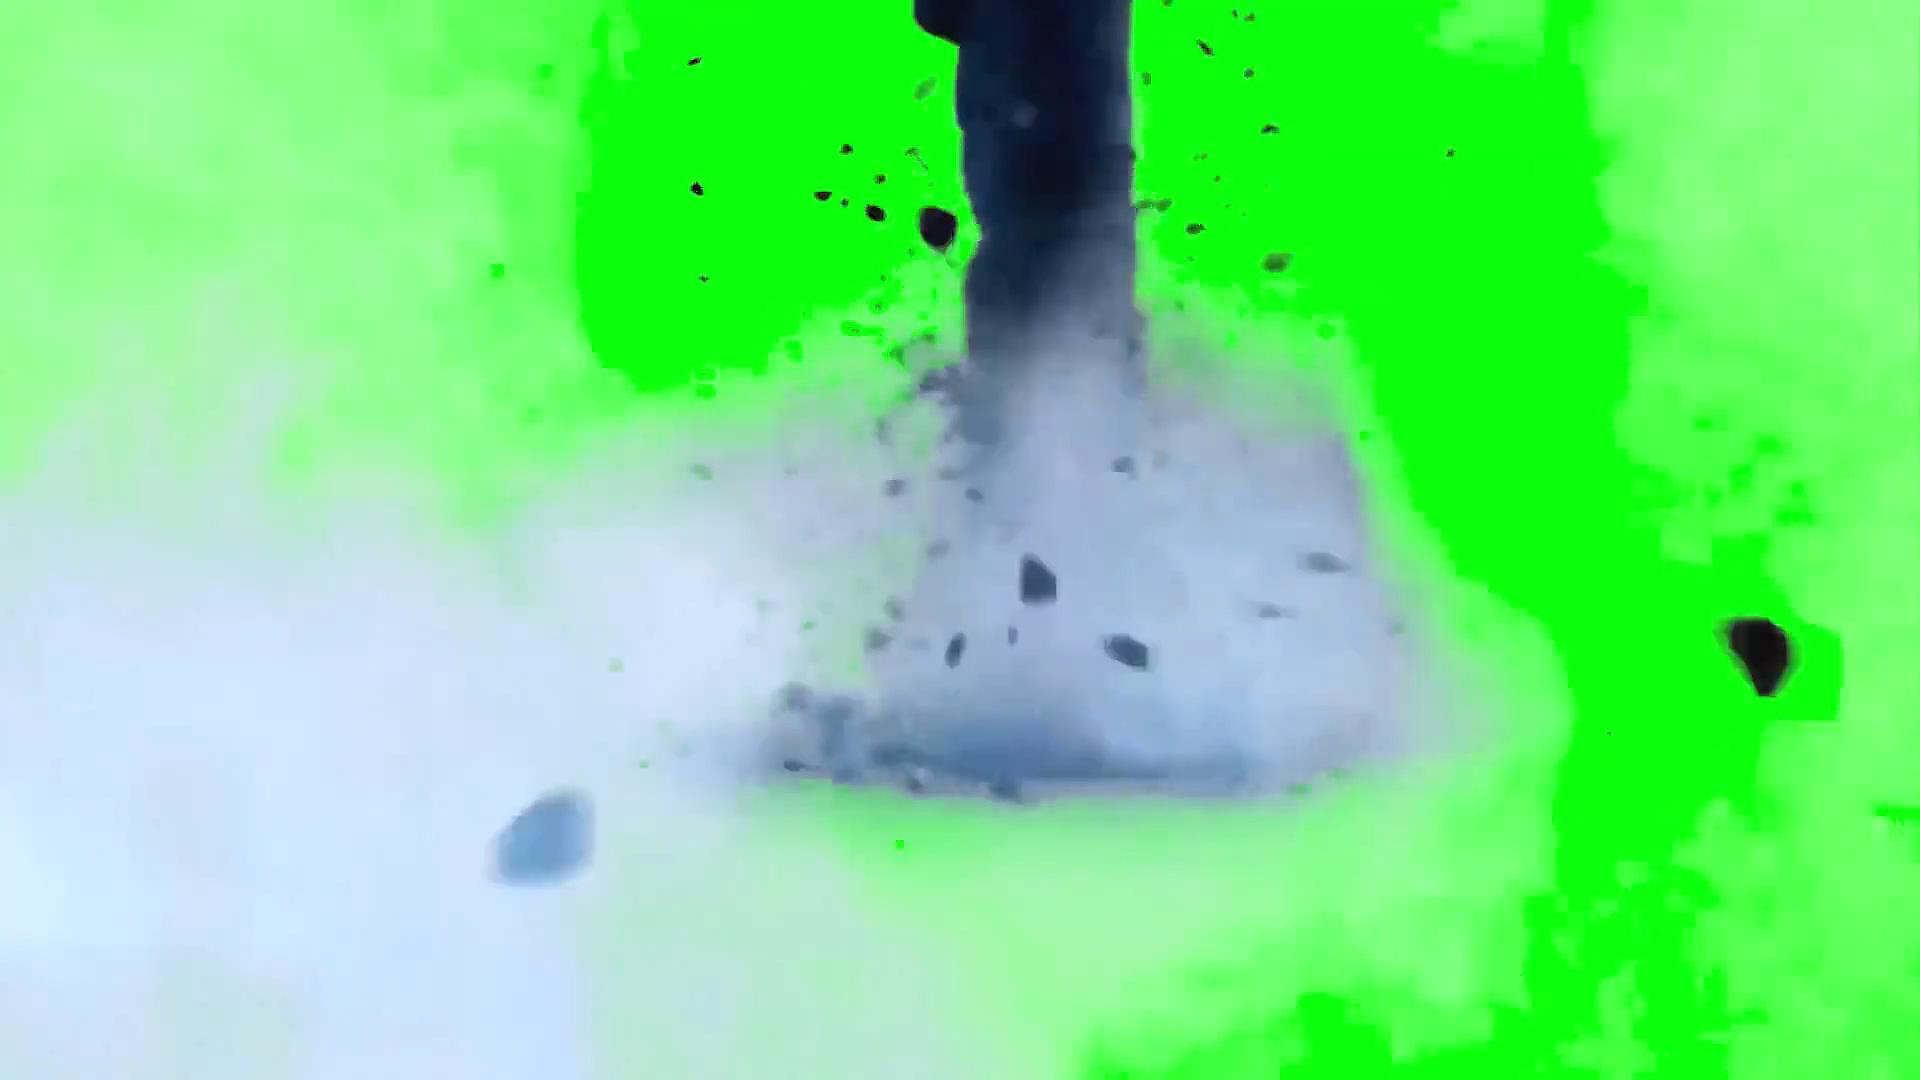 绿屏抠像龙卷风